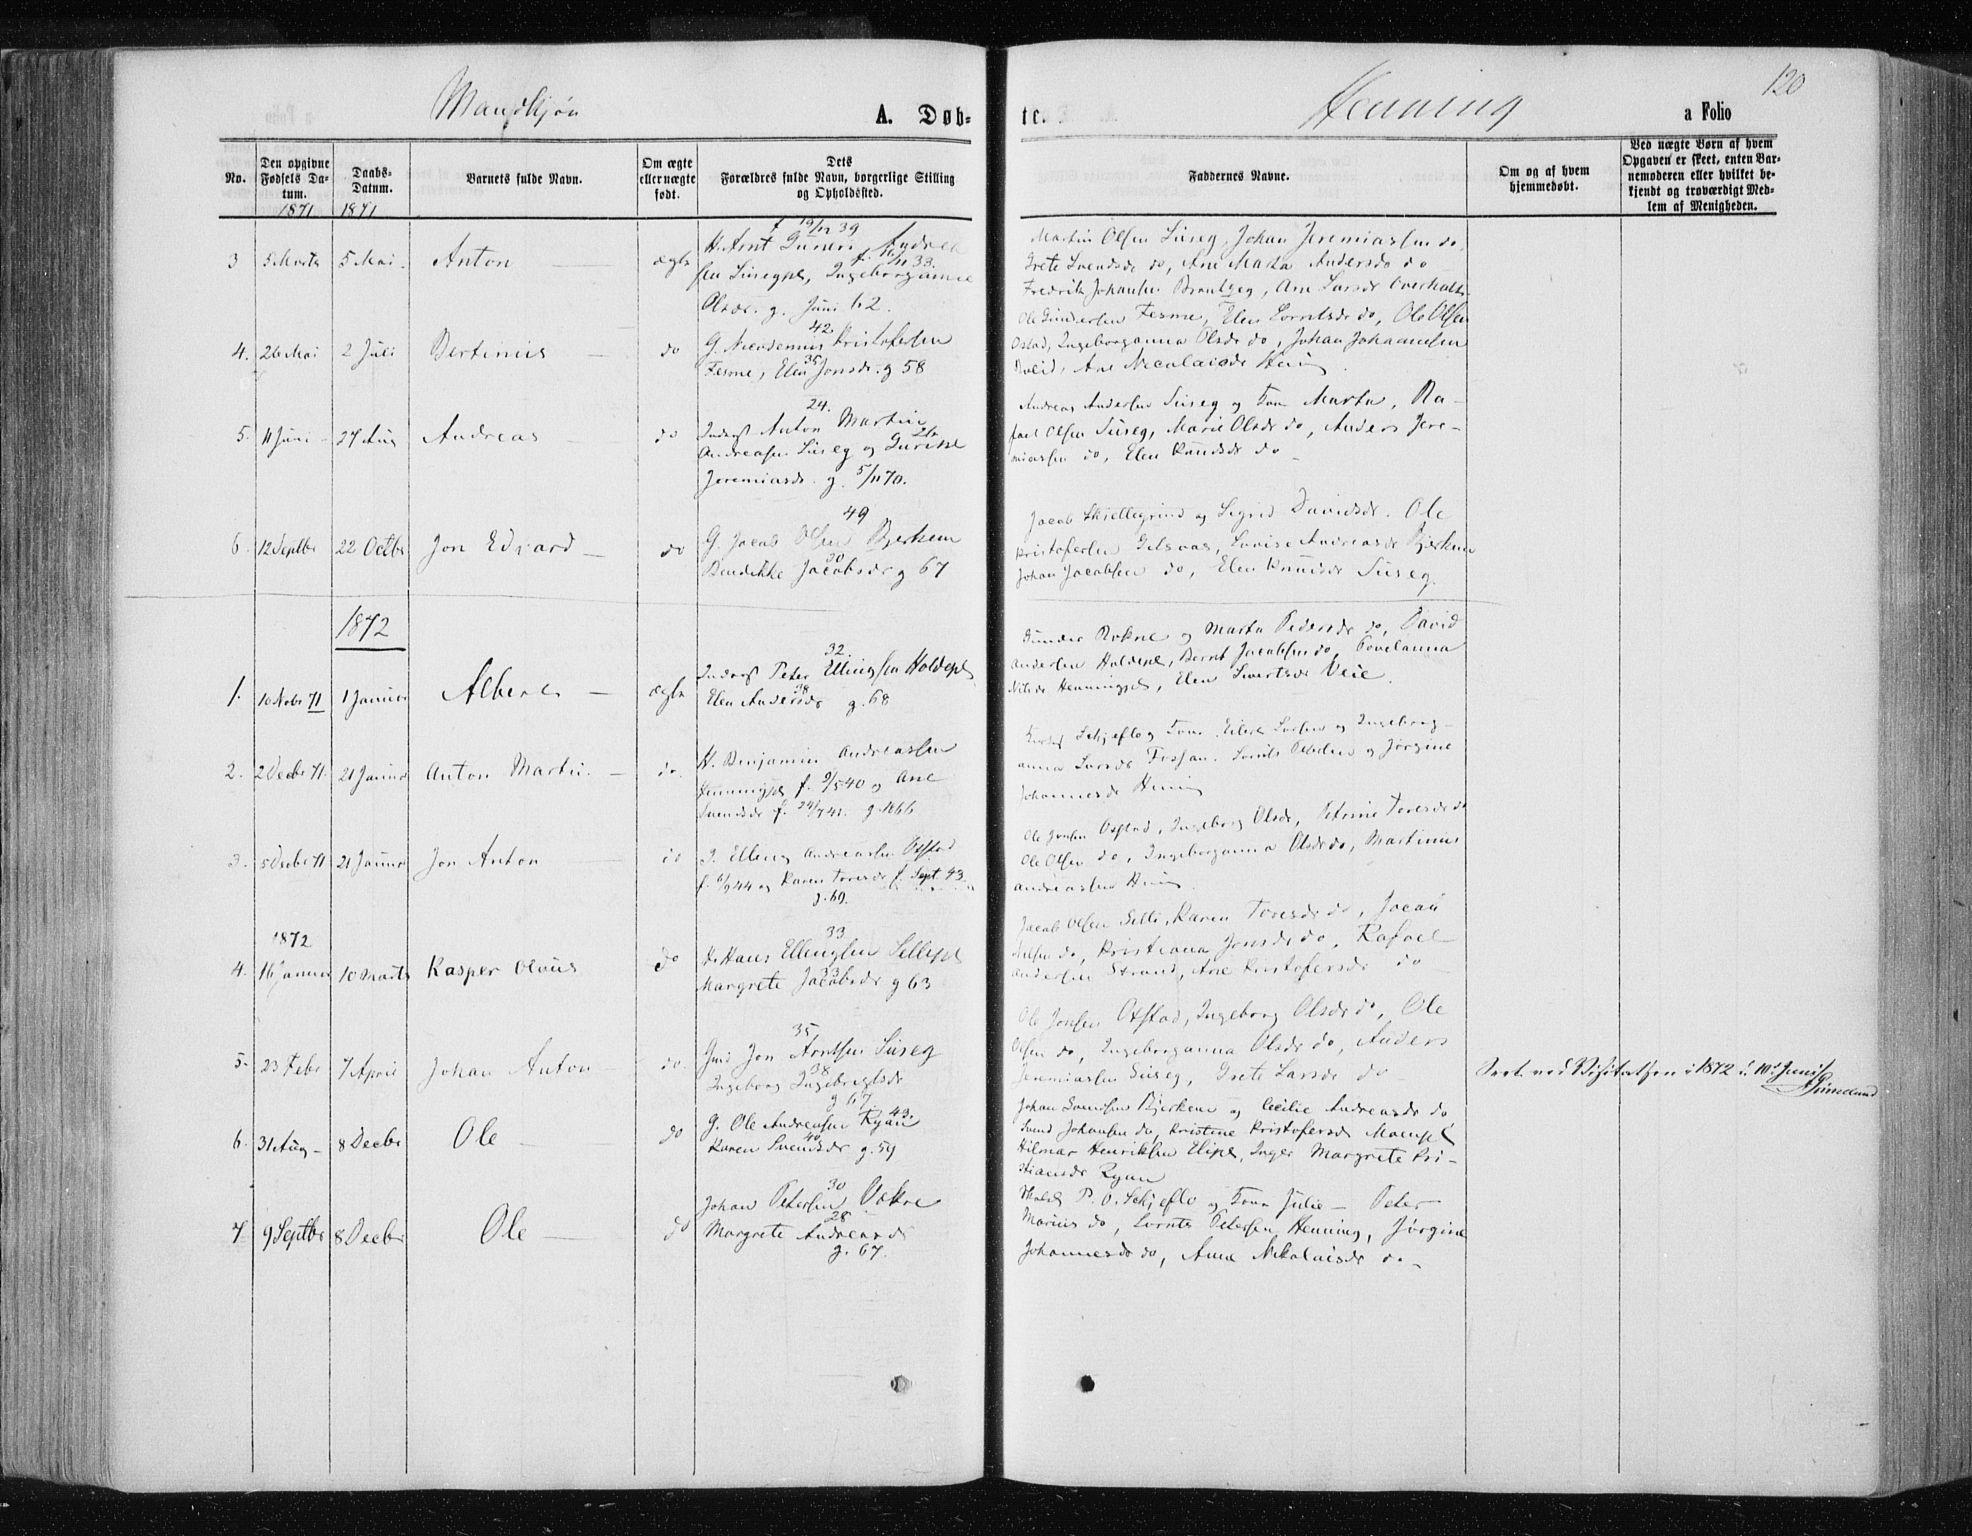 SAT, Ministerialprotokoller, klokkerbøker og fødselsregistre - Nord-Trøndelag, 735/L0345: Ministerialbok nr. 735A08 /3, 1863-1872, s. 120